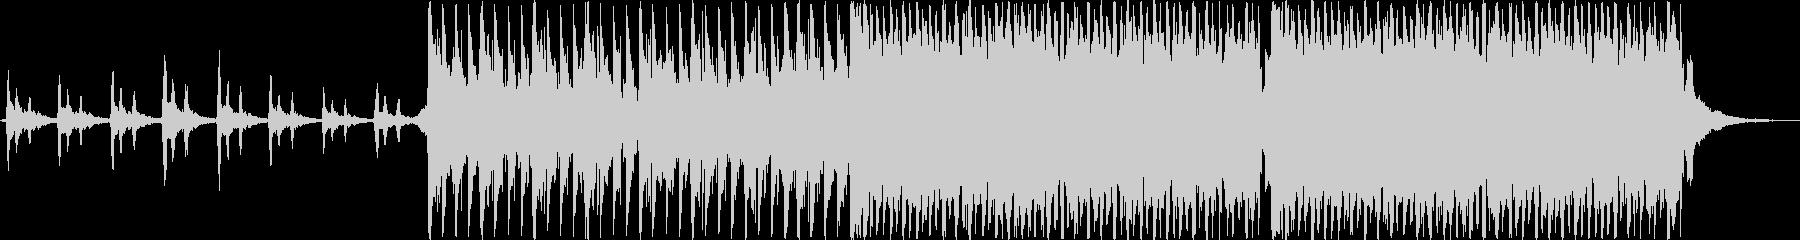 クレッシェンドの未再生の波形